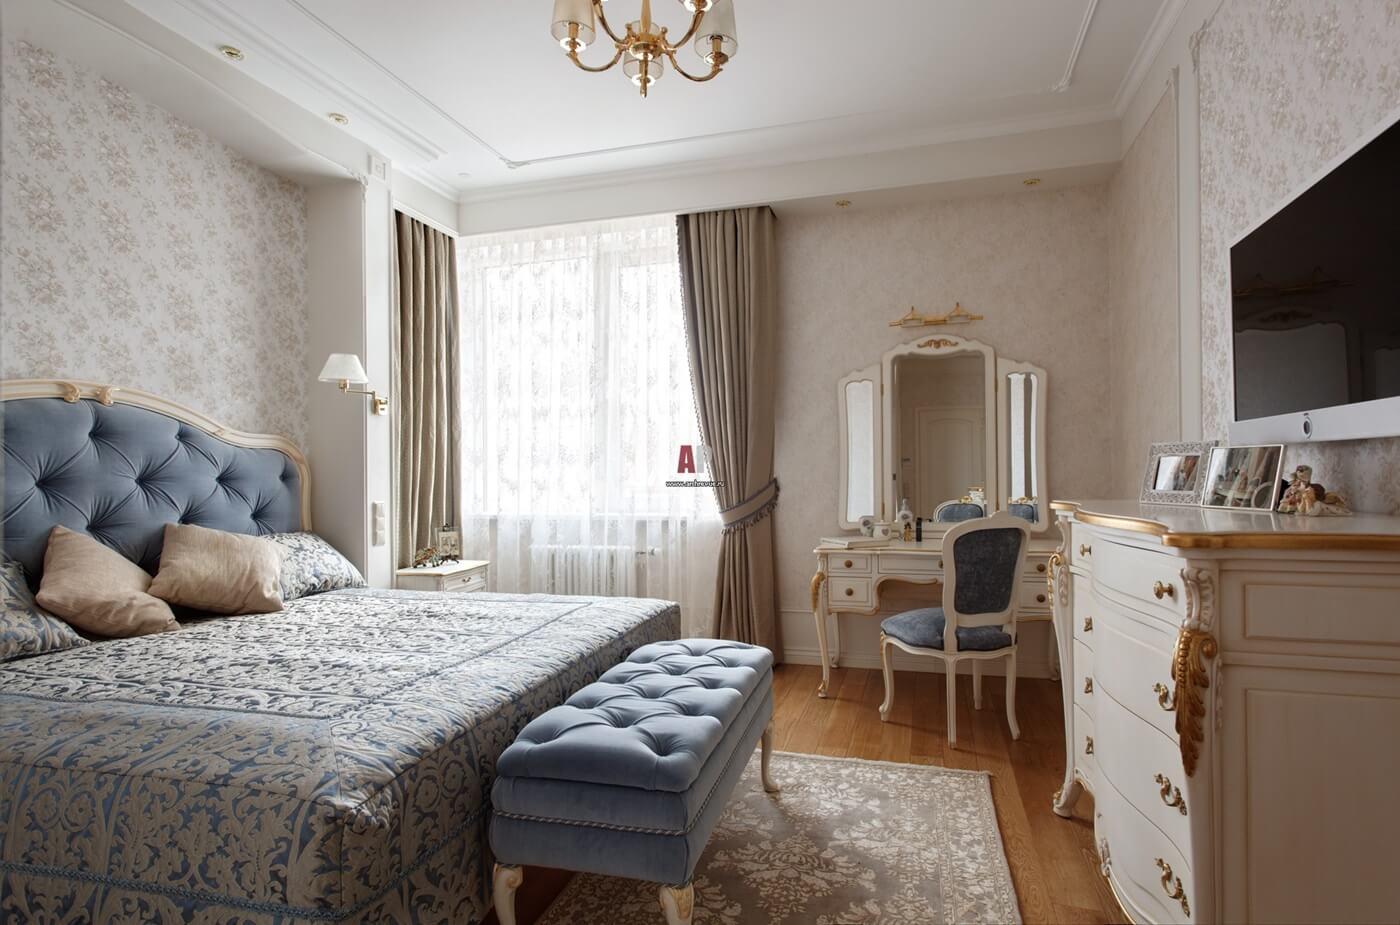 Шторы для спальни в неоклассическом стиле